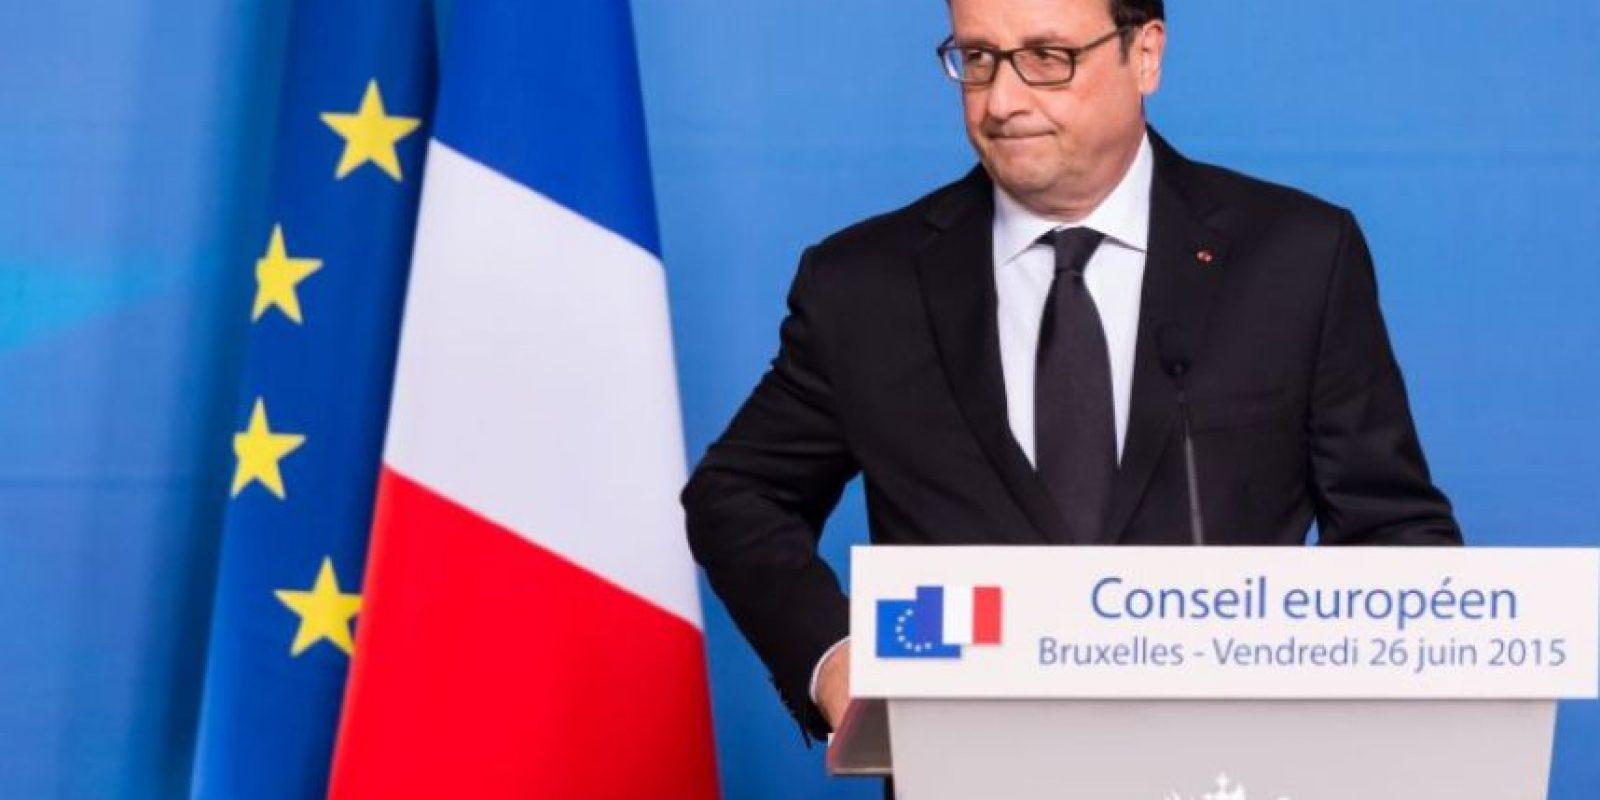 """El presidente de Francia, Francois Hollande, condenó estos hechos: """"Nuestra respuesta es la acción, prevención, disuasión y por lo tanto, la necesidad de aportar valores y no ceder al miedo. Nunca"""". Foto:AFP"""